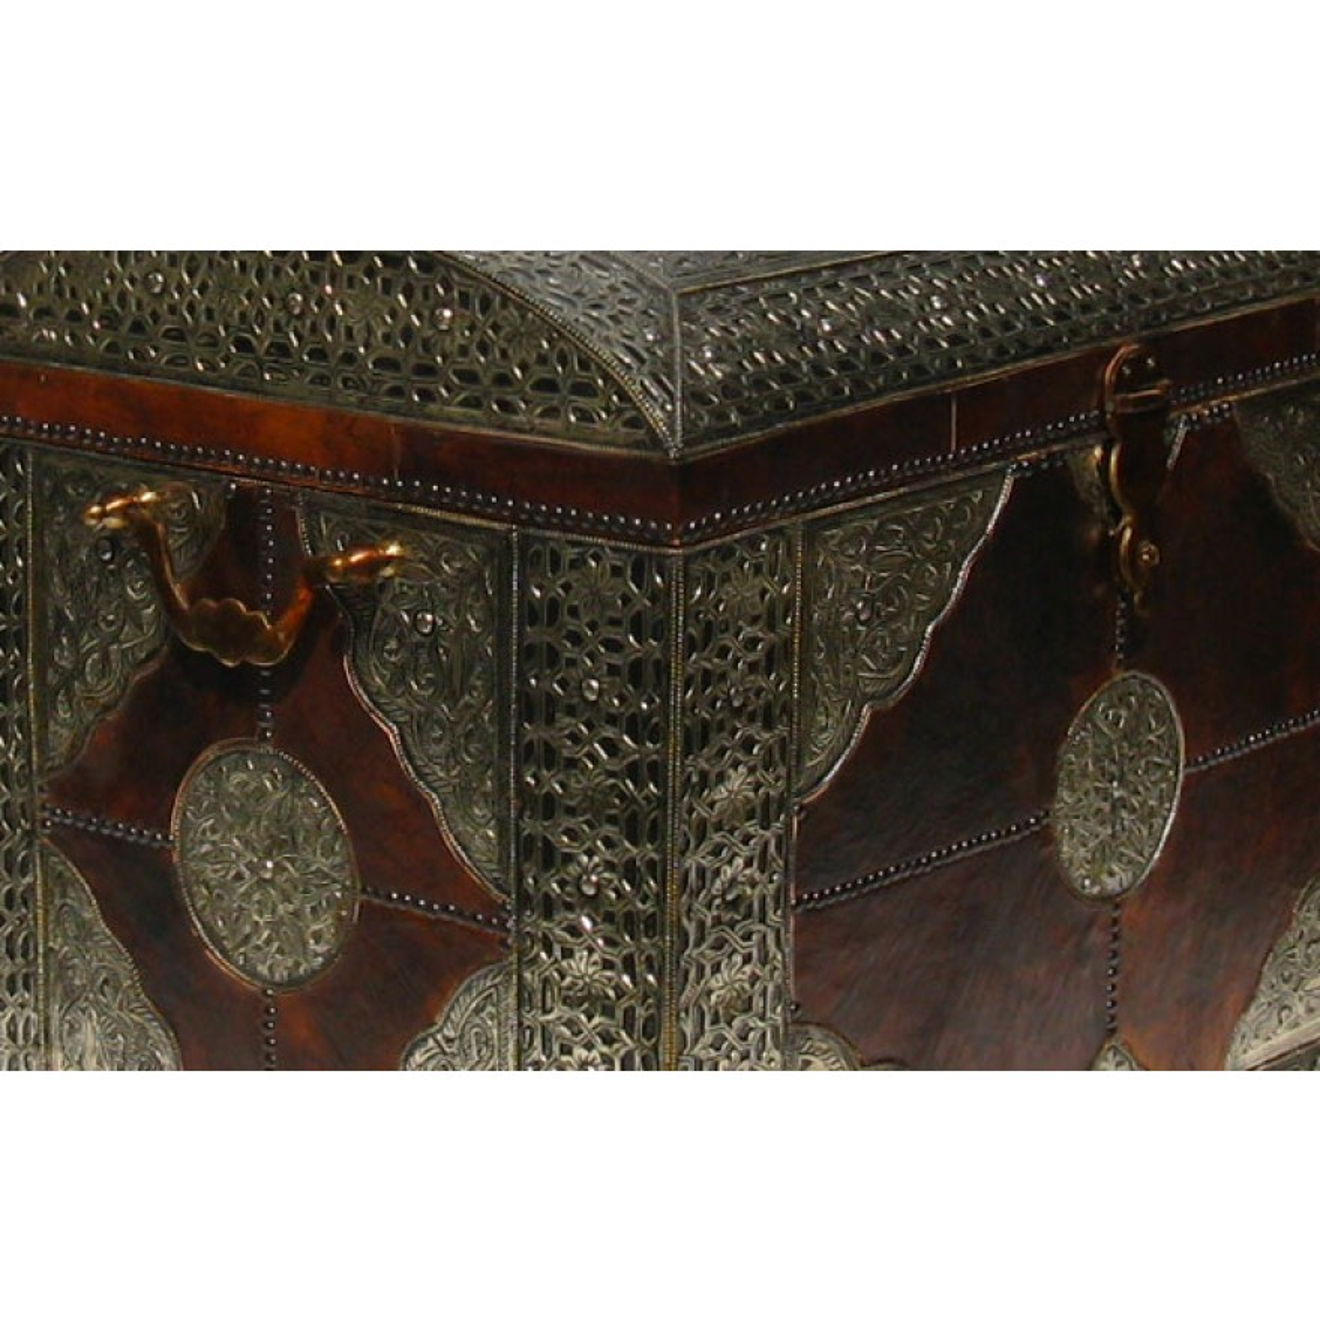 orientalische xl truhe mit leder und silber metall verkleidung. Black Bedroom Furniture Sets. Home Design Ideas